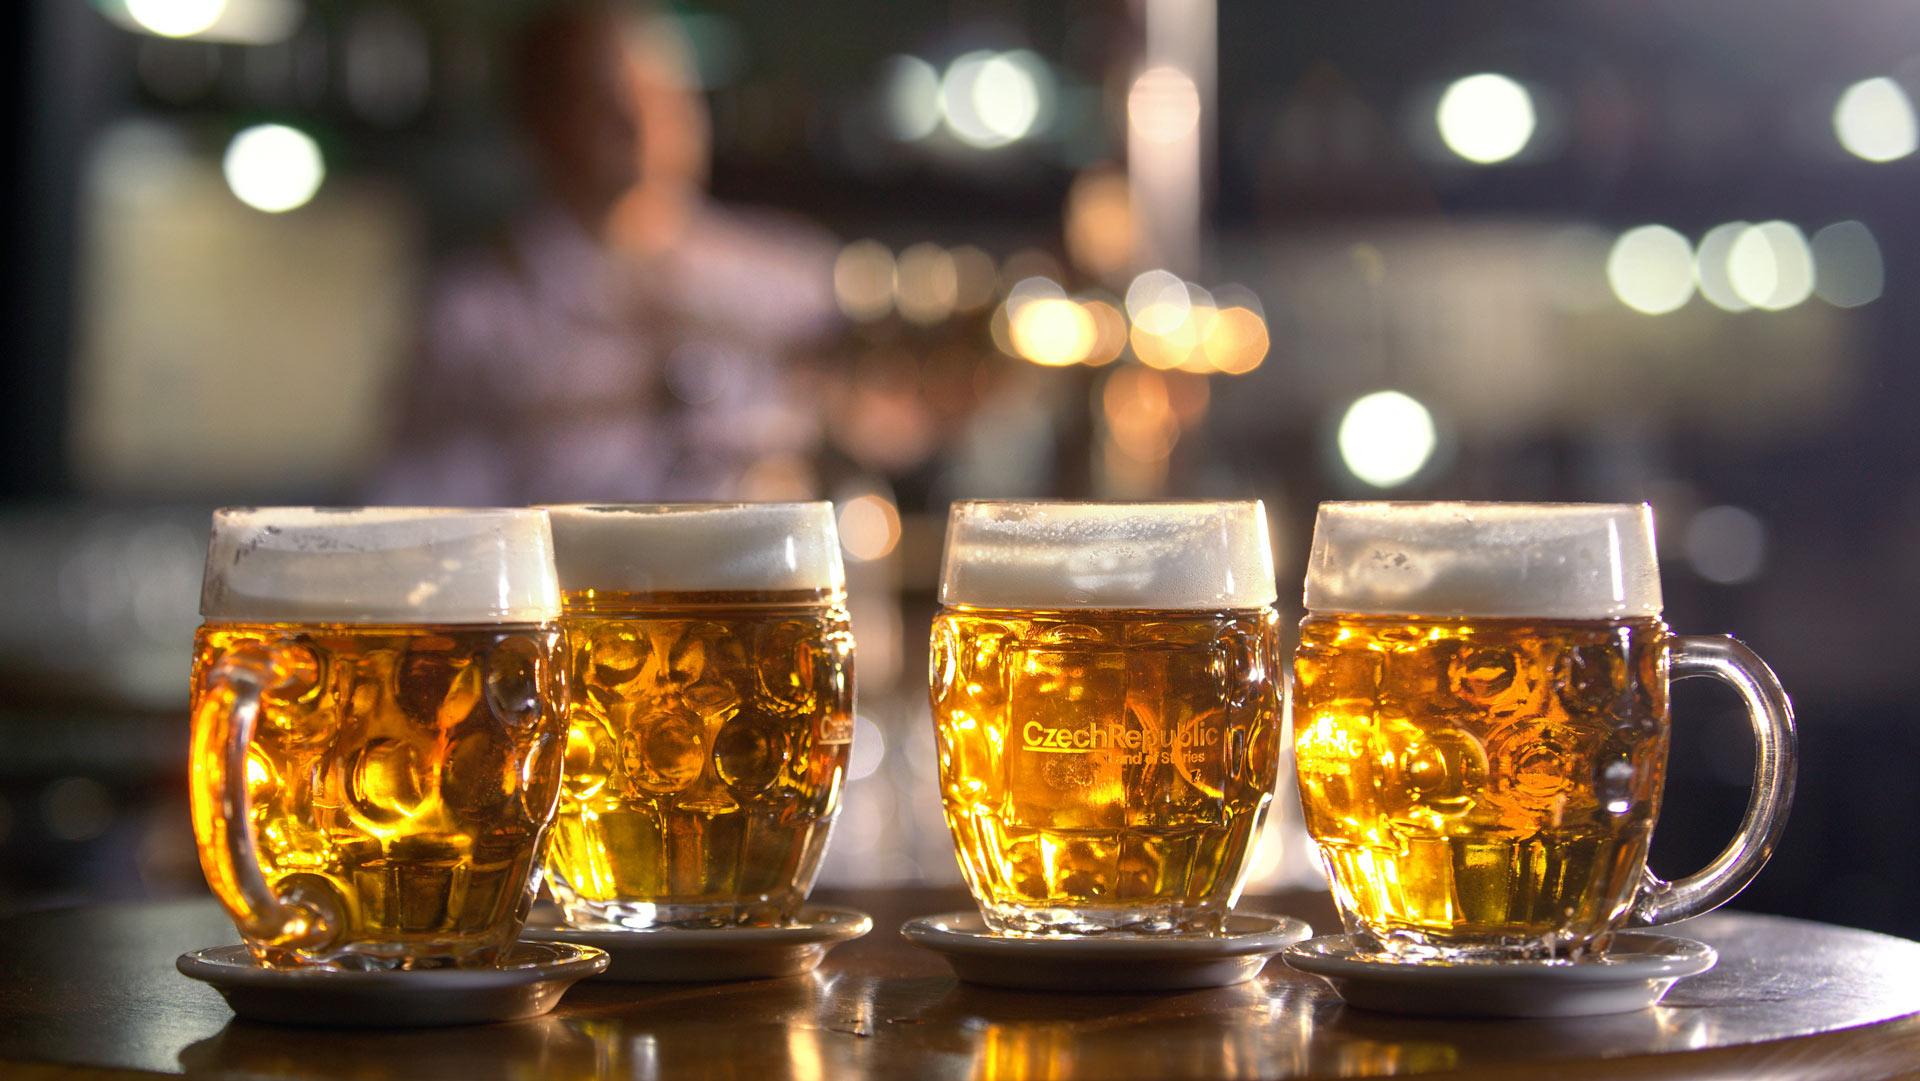 jarras de cerveza checa